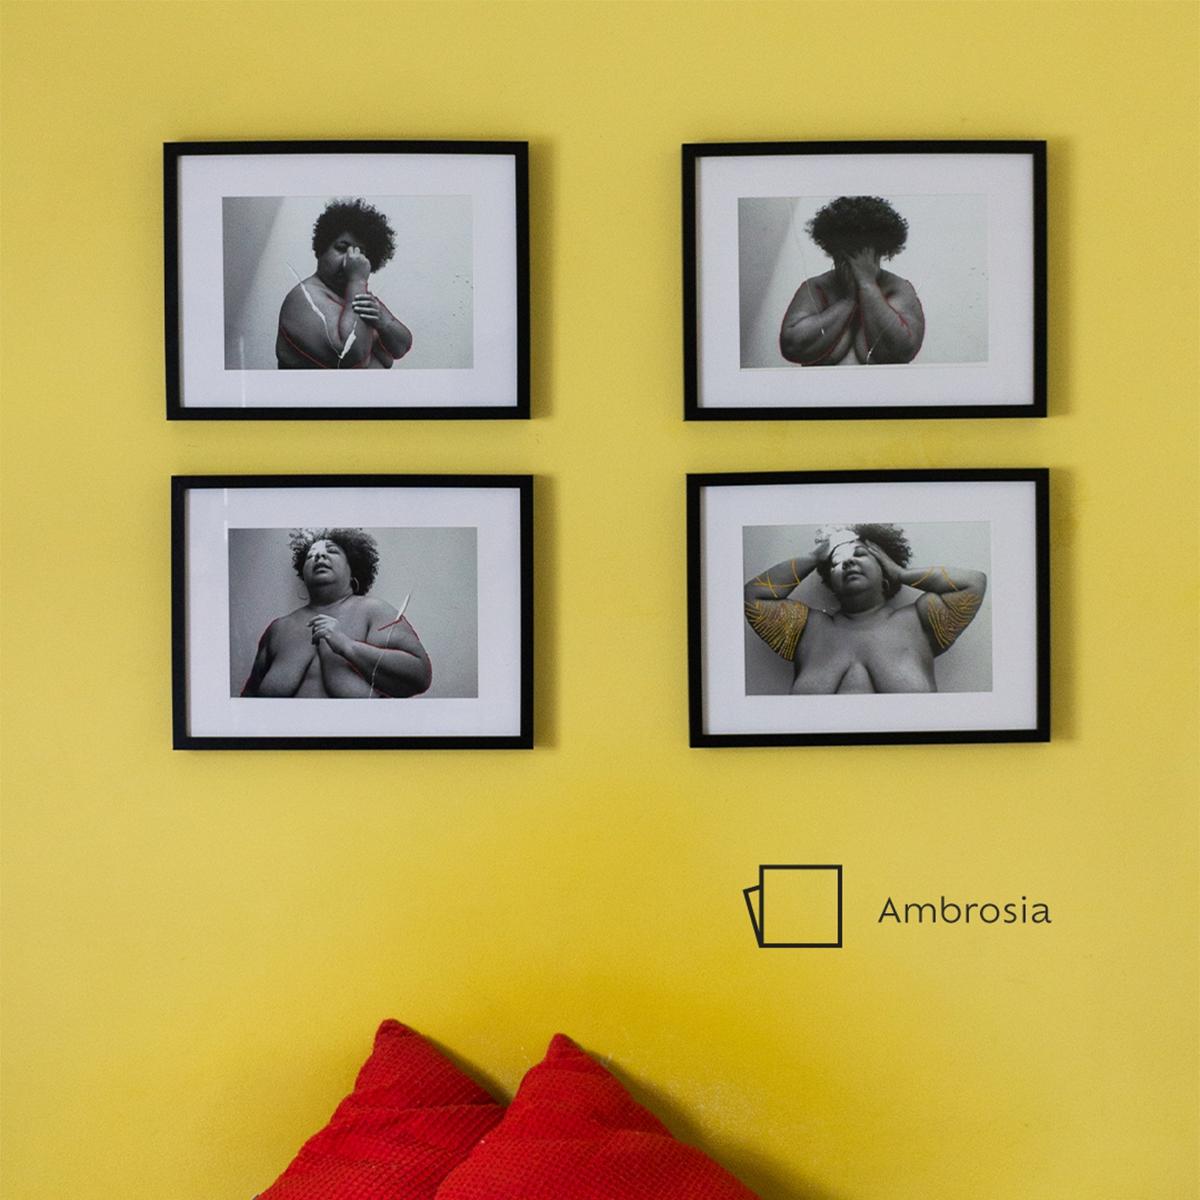 Foto de uma parede com o fundo na cor Ambrosia, e seu ícone de cor localizado do lado direito inferior. Abaixo, algumas almofadas vermelhas centralizadas. Na parede, vemos quatro quadros de uma mulher com alguns detalhes em dourado.